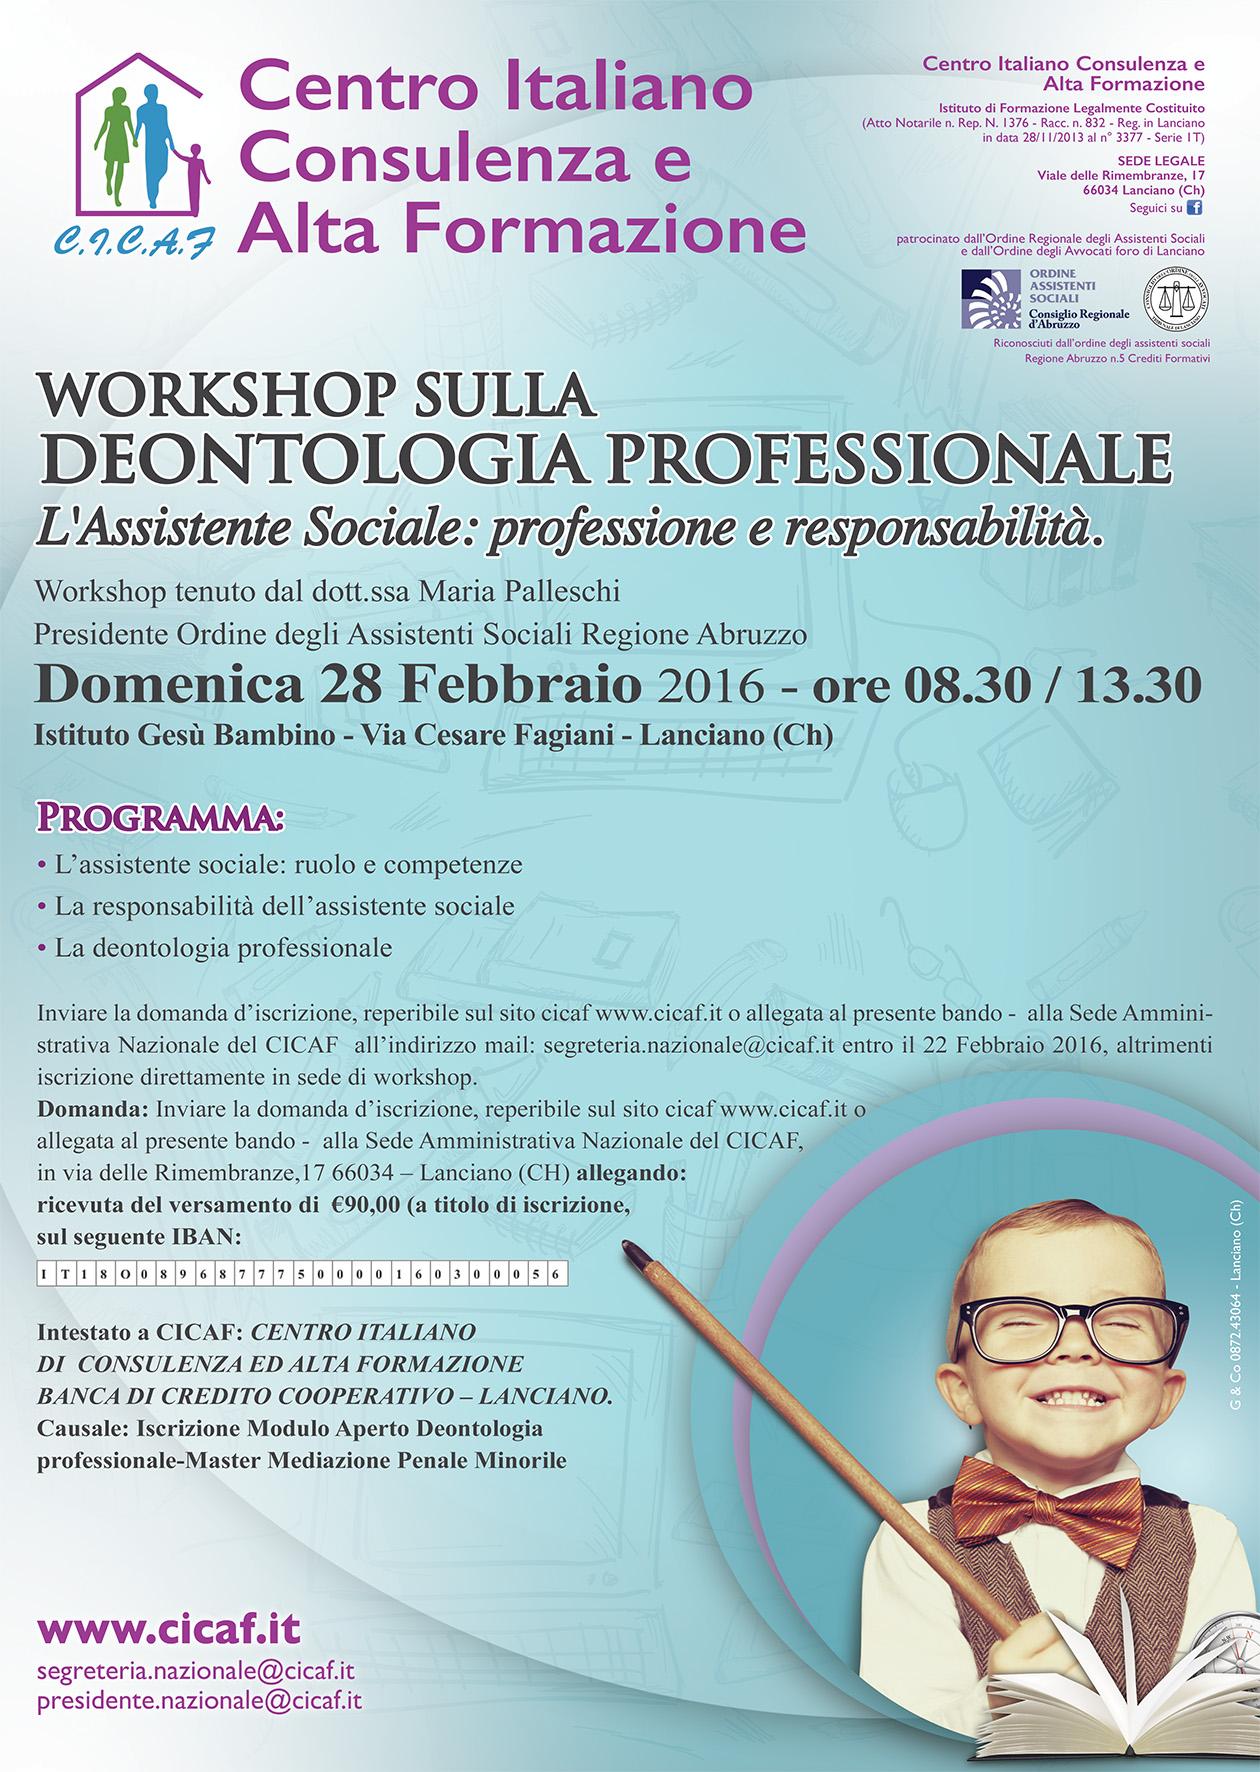 Domenica 28 Workshop sulla deontologia professionale